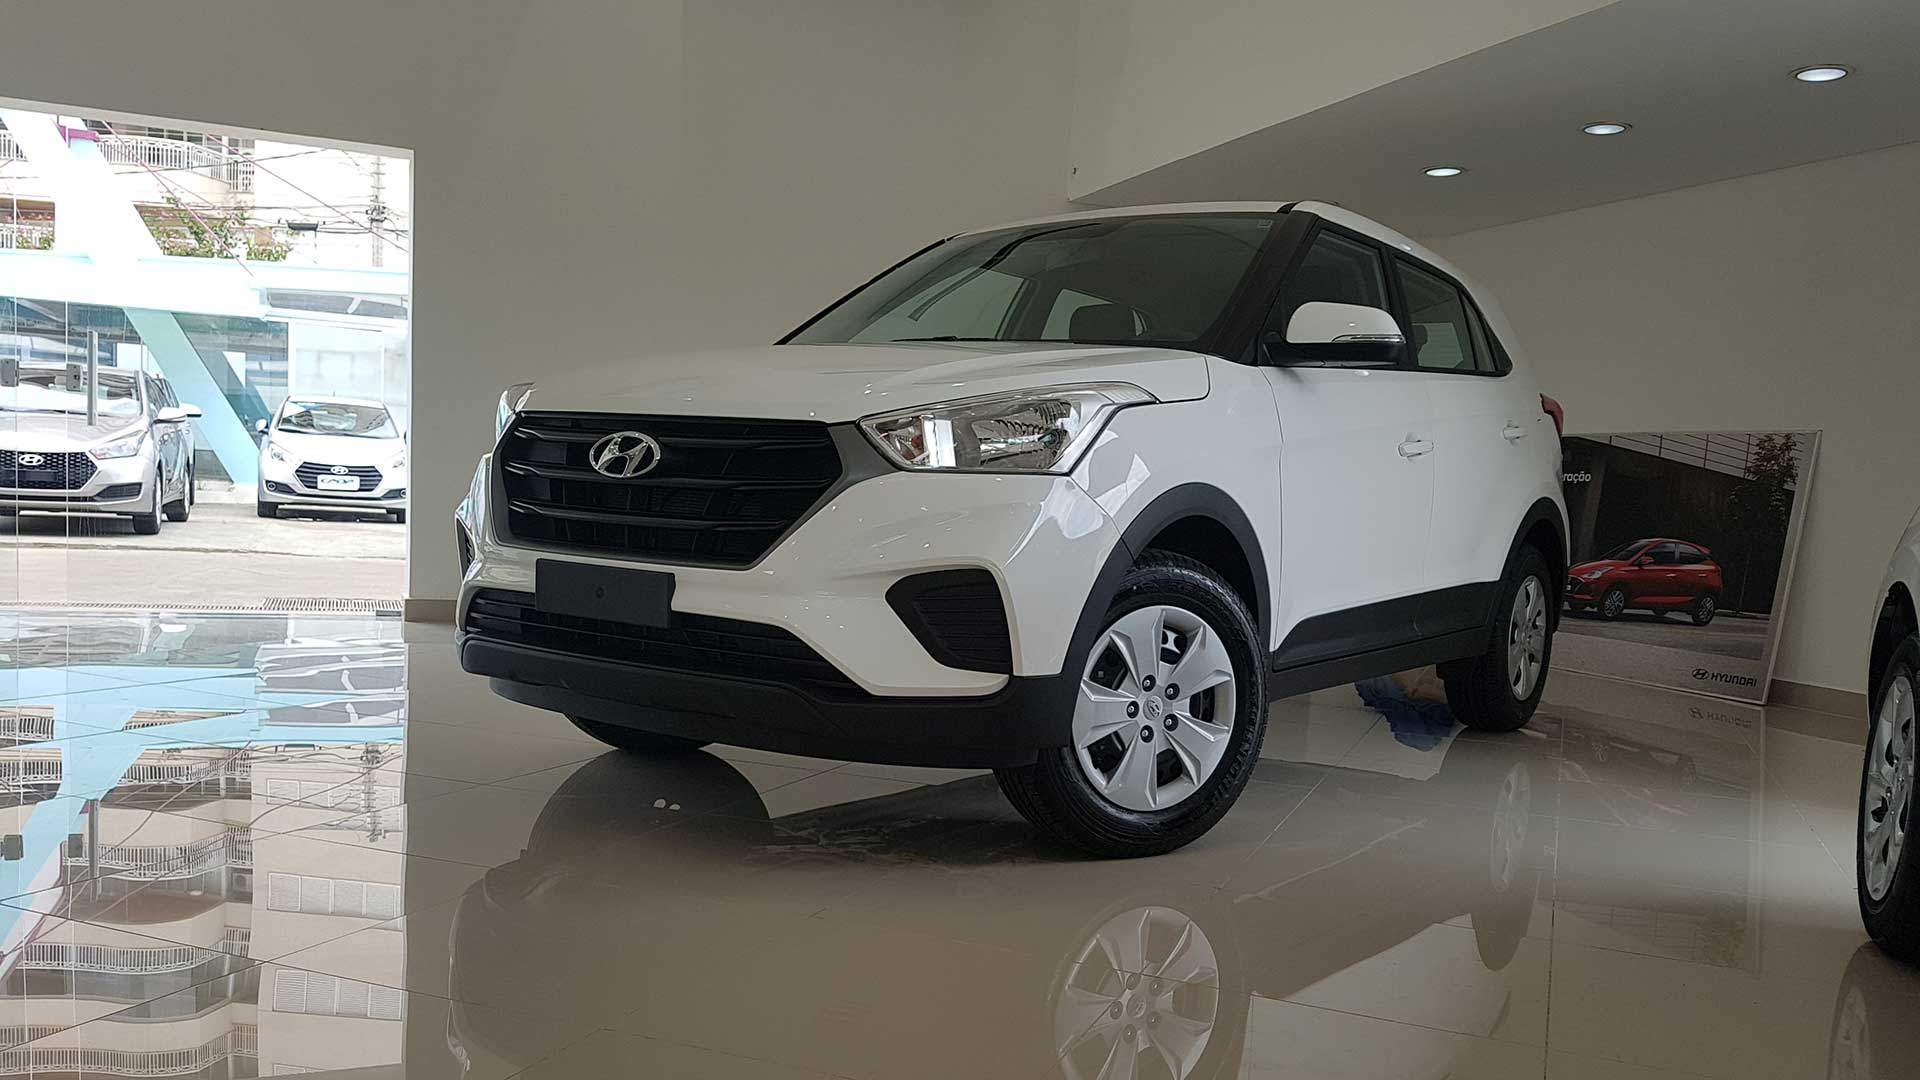 Hyundai Creta PcD 2021 (Attitude): fotos, preço, equipamentos e mais | Mundo do Automóvel para PCD